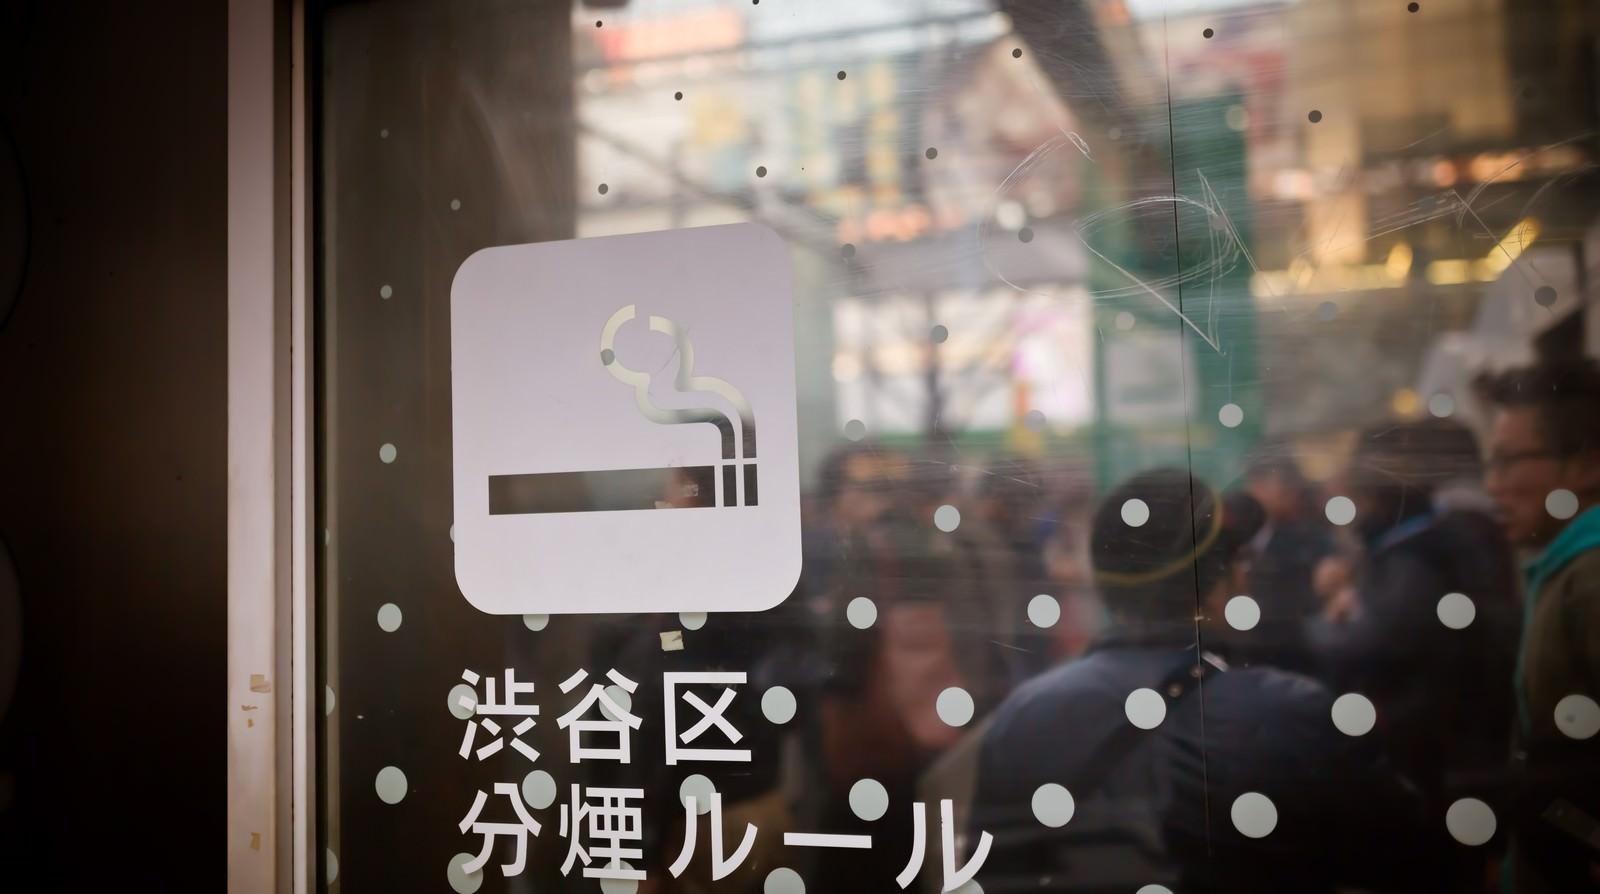 「渋谷区分煙ルール」の写真